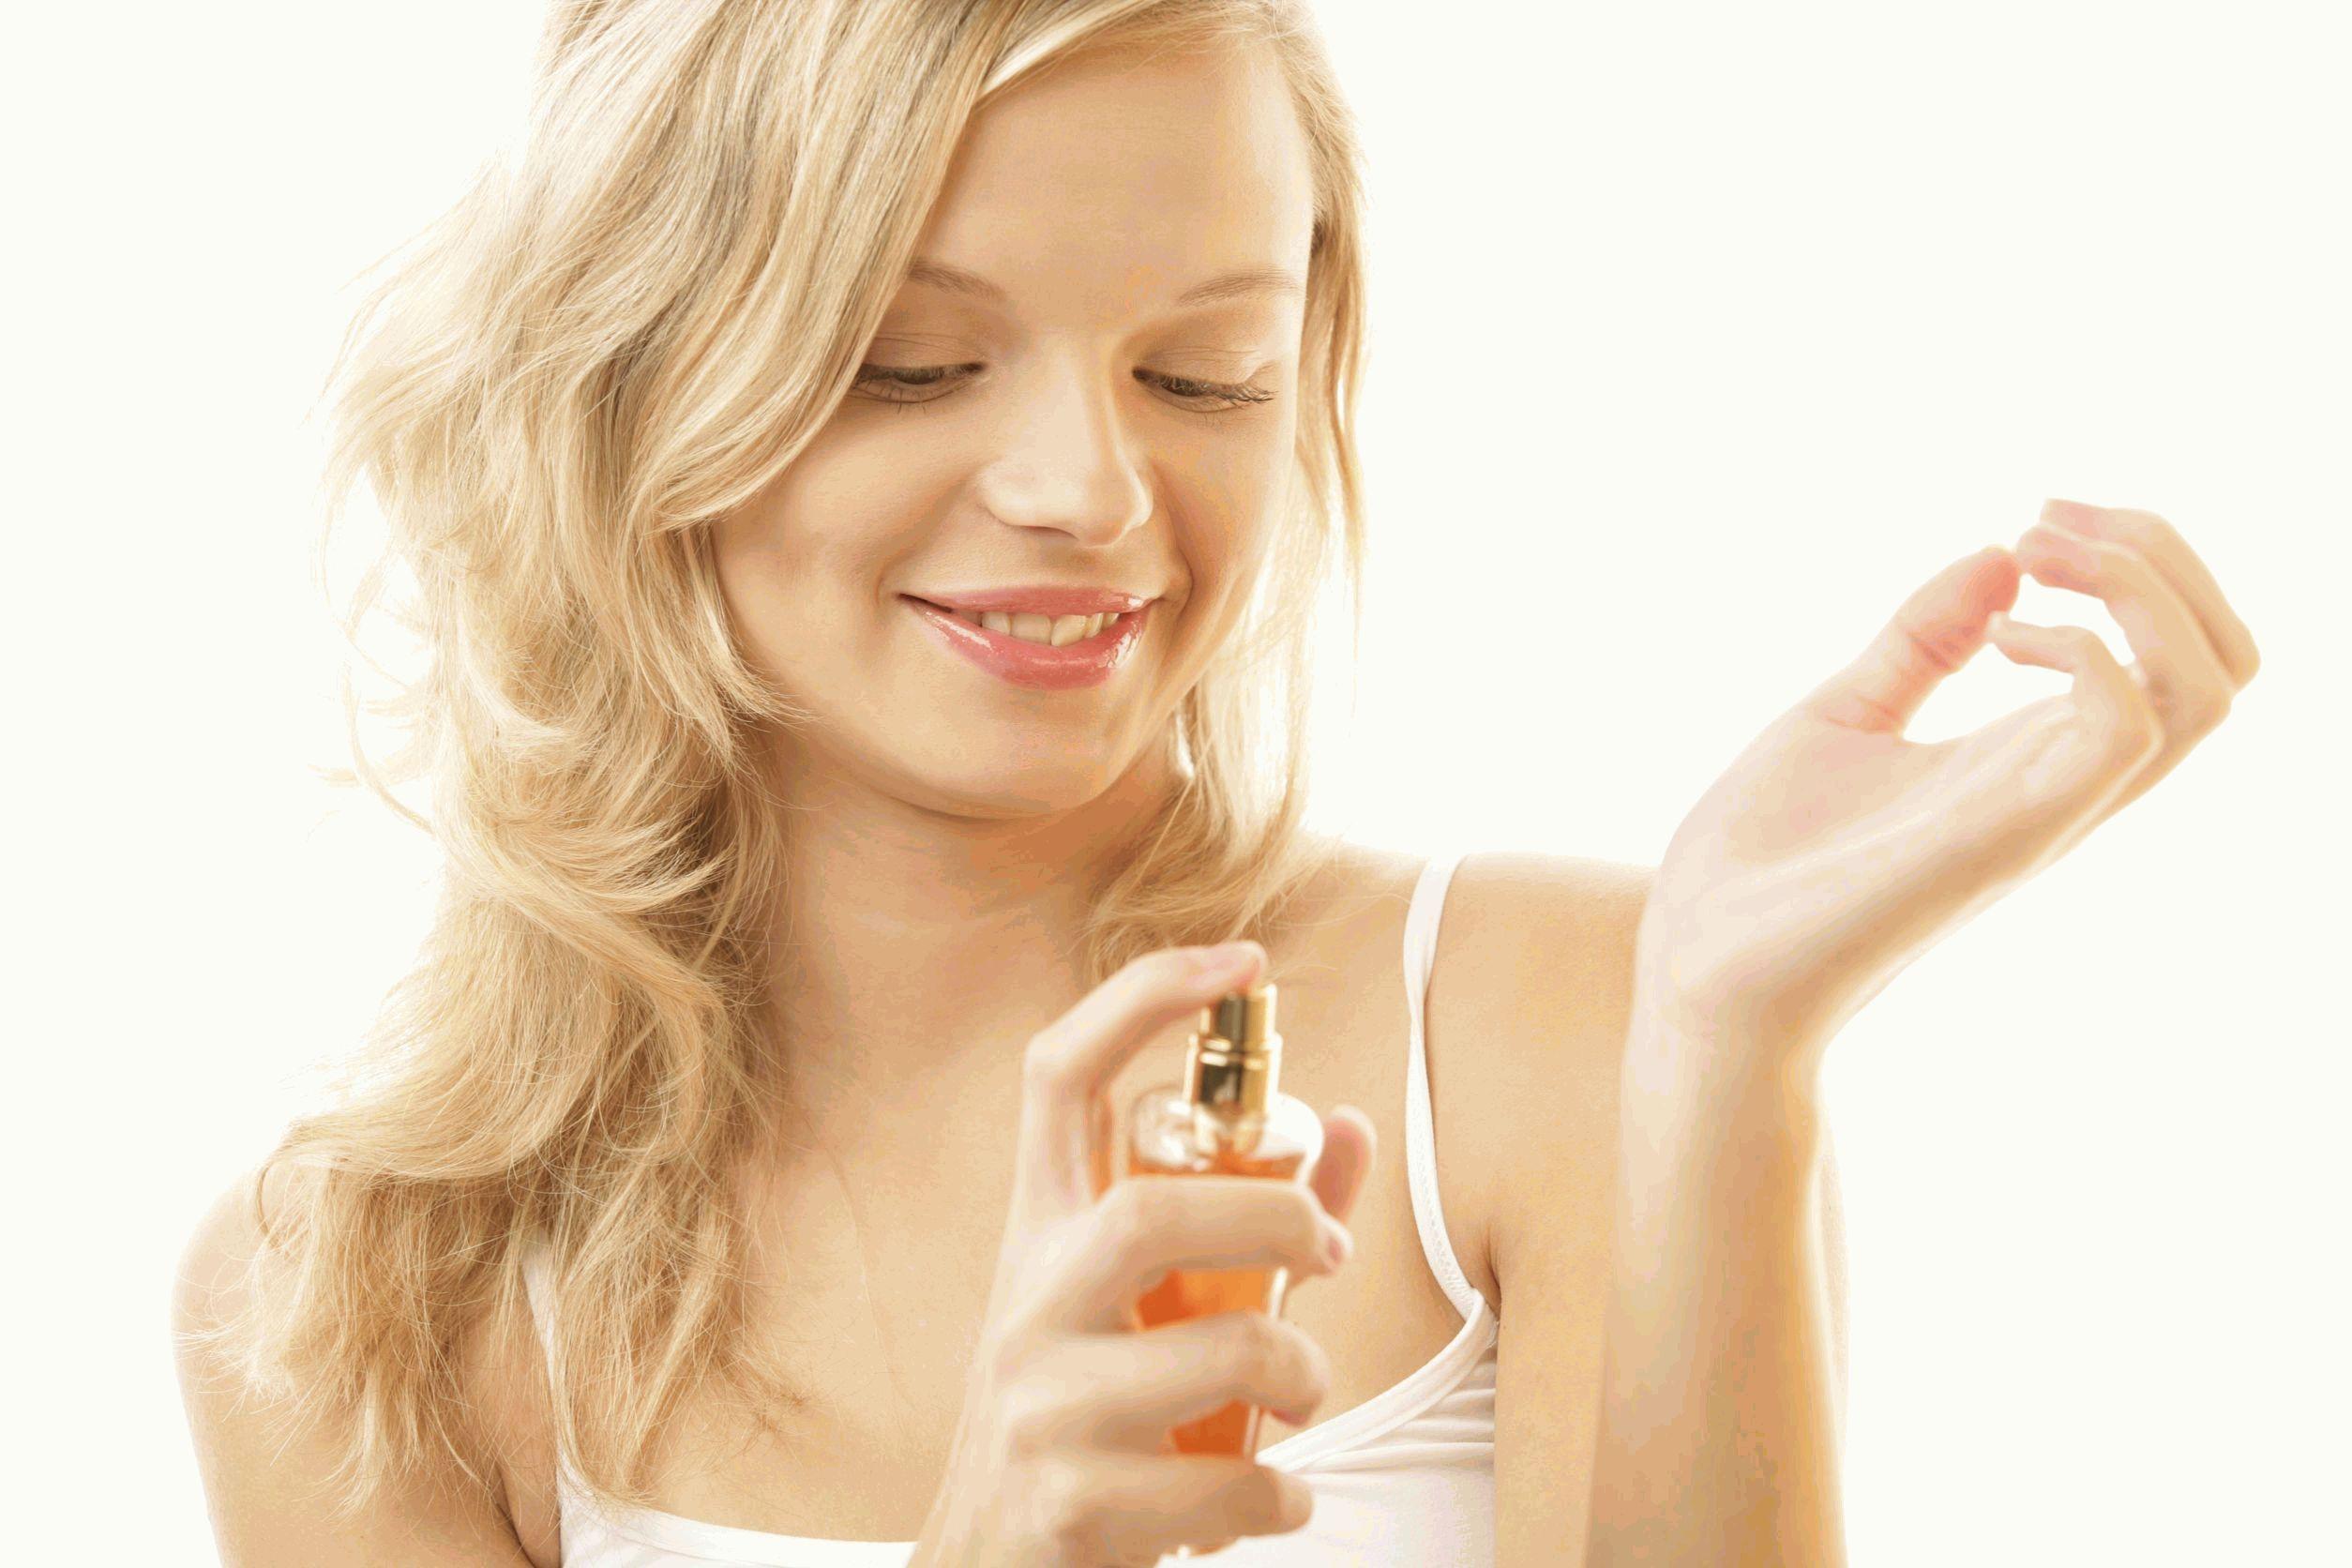 парфюмерия,как носить,туалетная вода,как подобрать духи,стойкий аромат,запахи